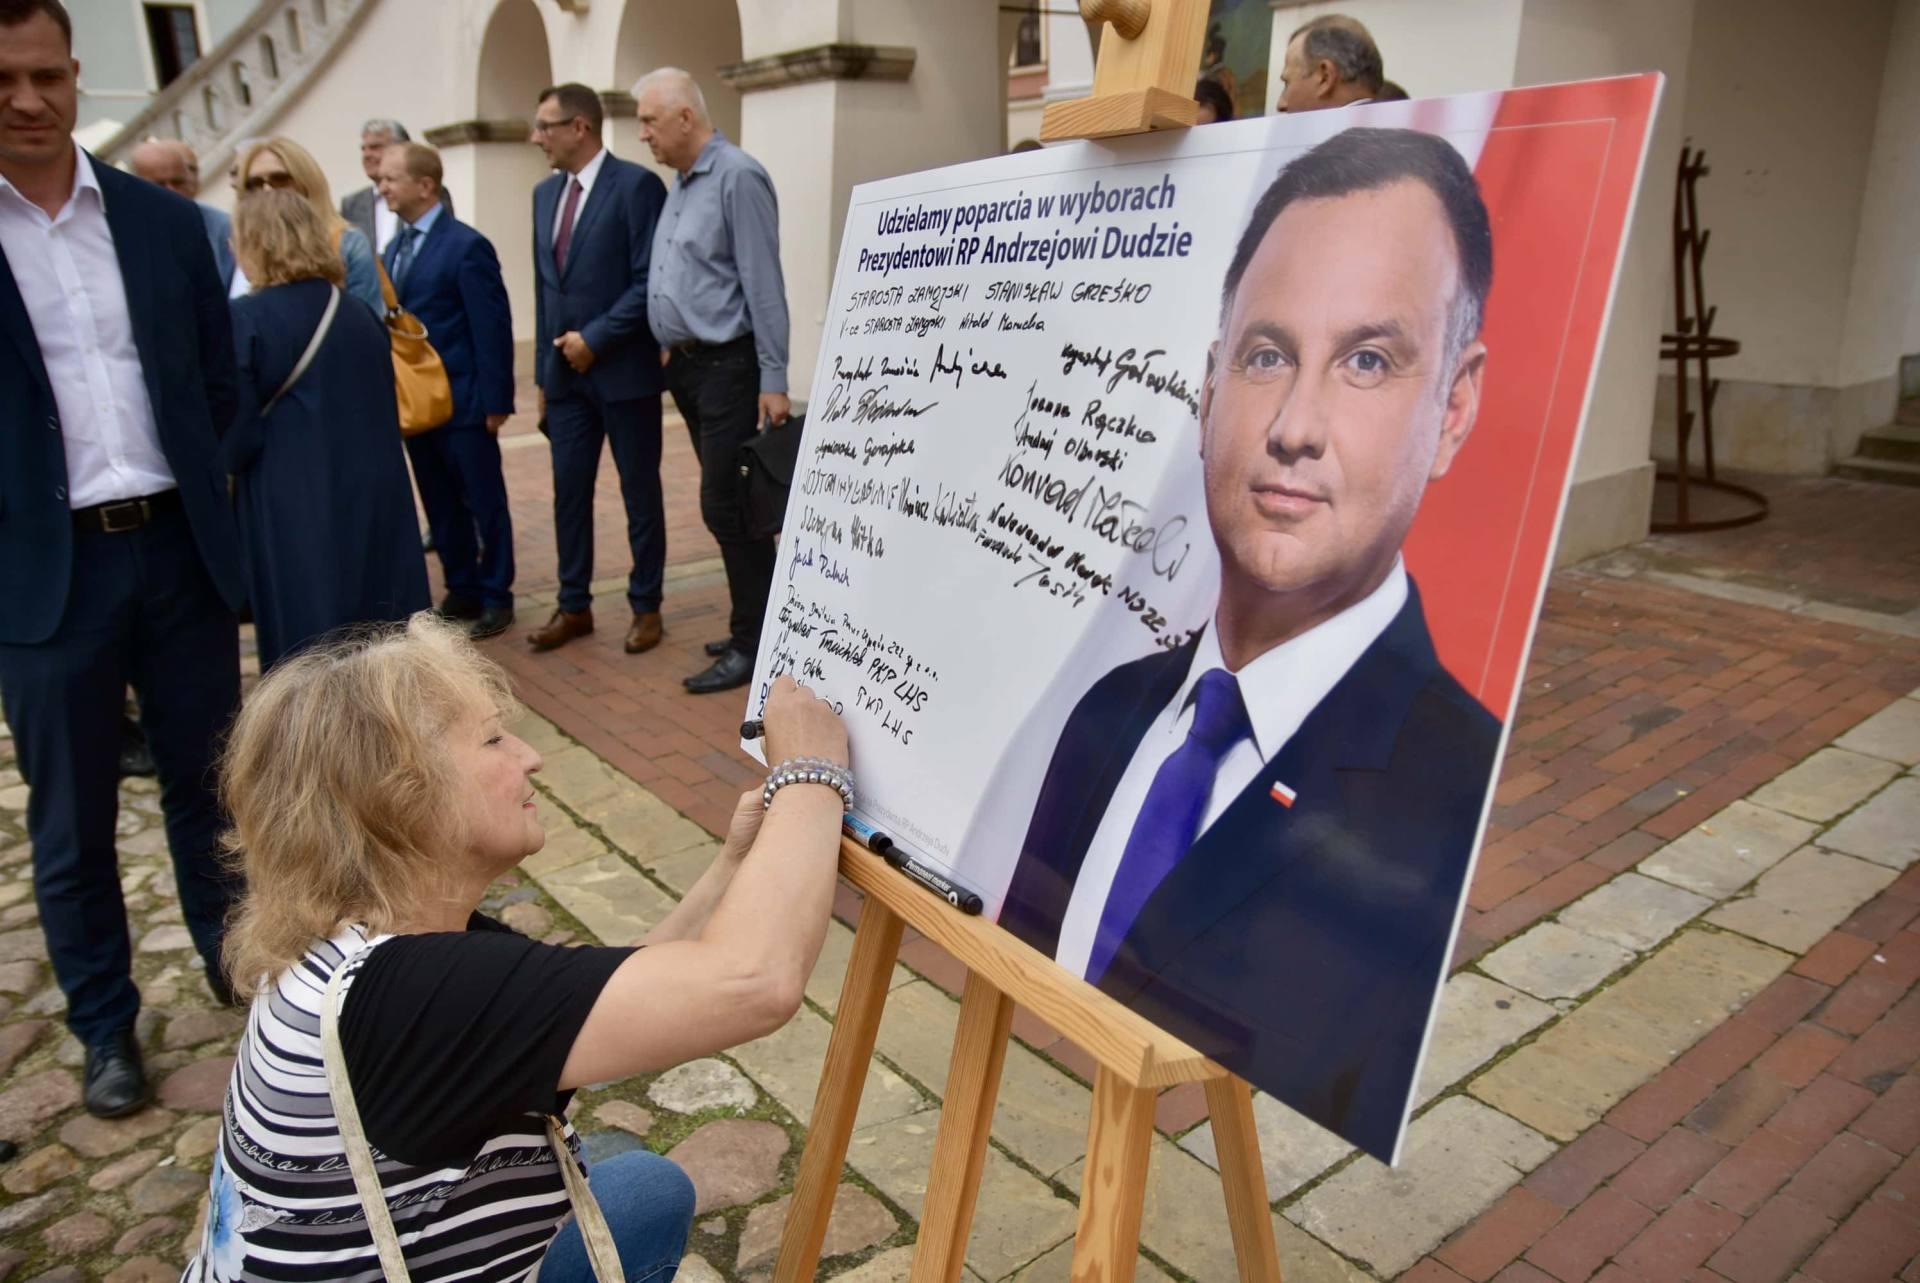 dsc 7796 Zamość: Udzielili poparcia prezydentowi Andrzejowi Dudzie